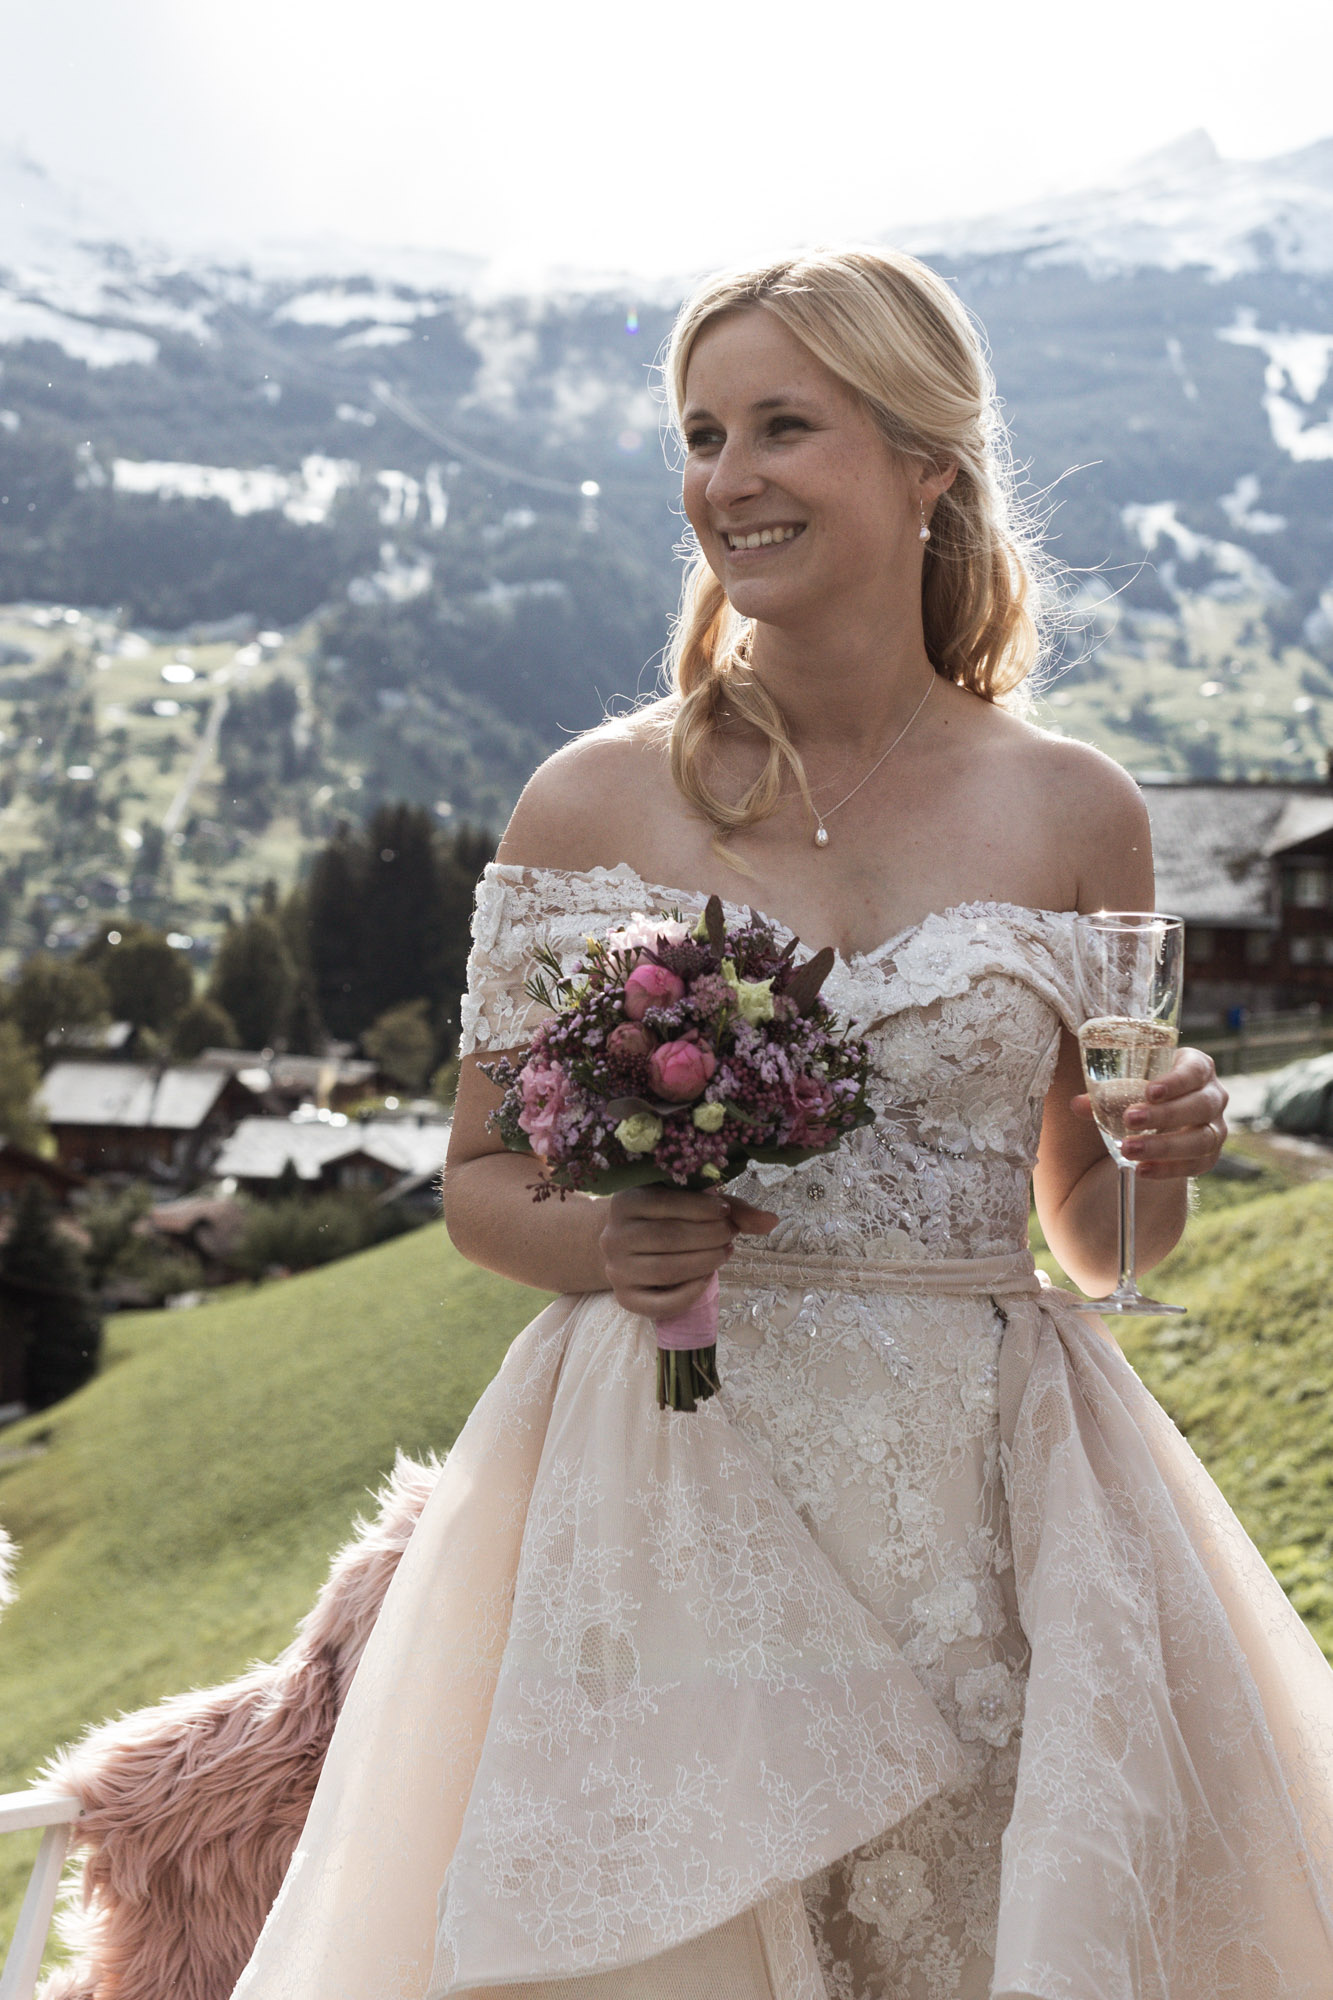 Die Braut mit einem Glas Champagner - Hochzeit in den Bergen